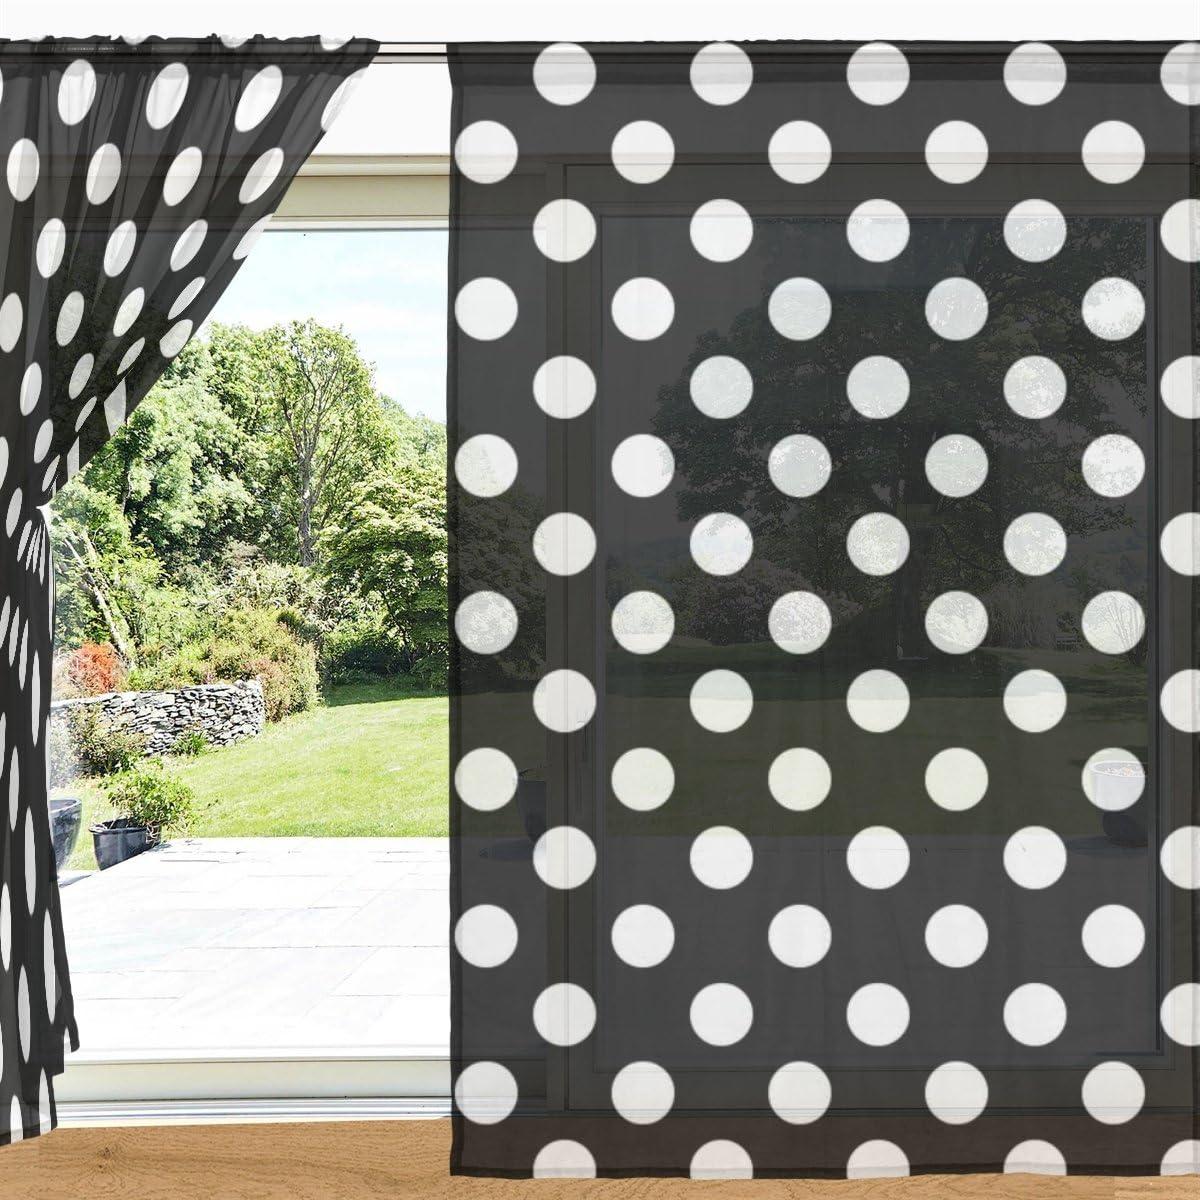 MyDaily cortina clásica para ventana y puerta, diseño de lunares, color blanco y negro, 2 paneles de 140 x 213 cm, para decoración de sala de estar o dormitorio, poliéster, multicolor, 55